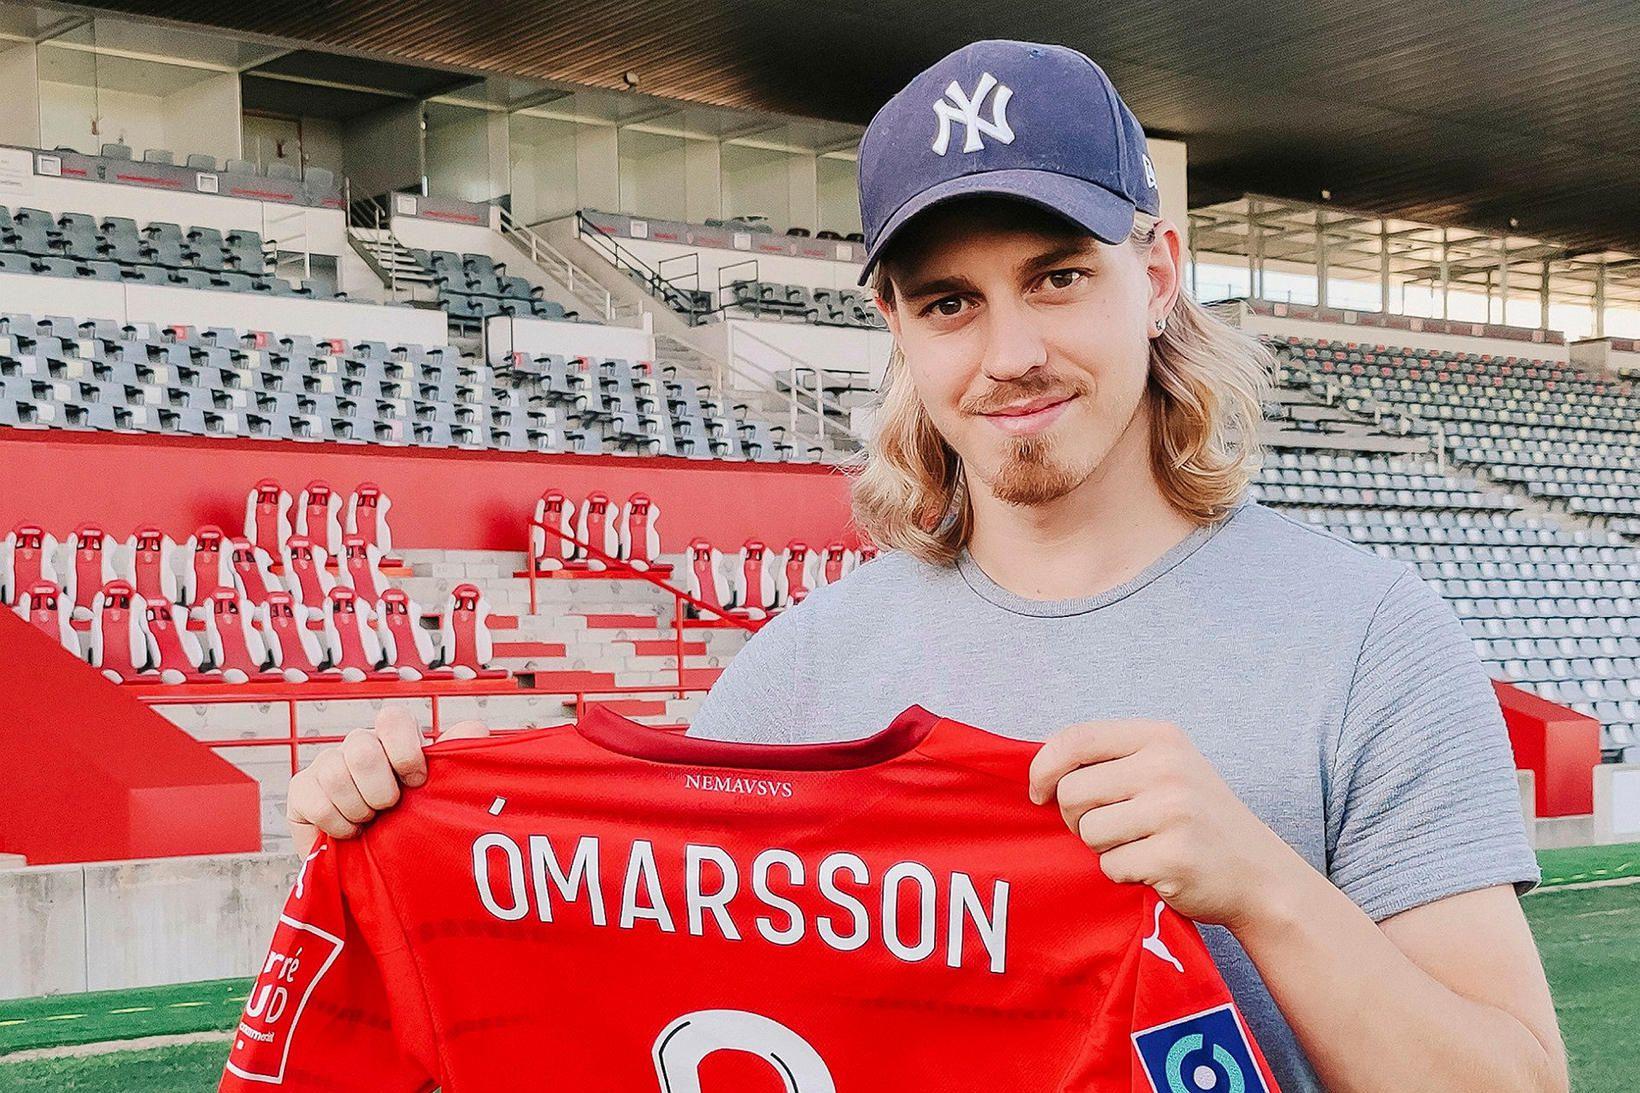 Elías Már Ómarsson gekk til liðs við Nimes í vikunni.